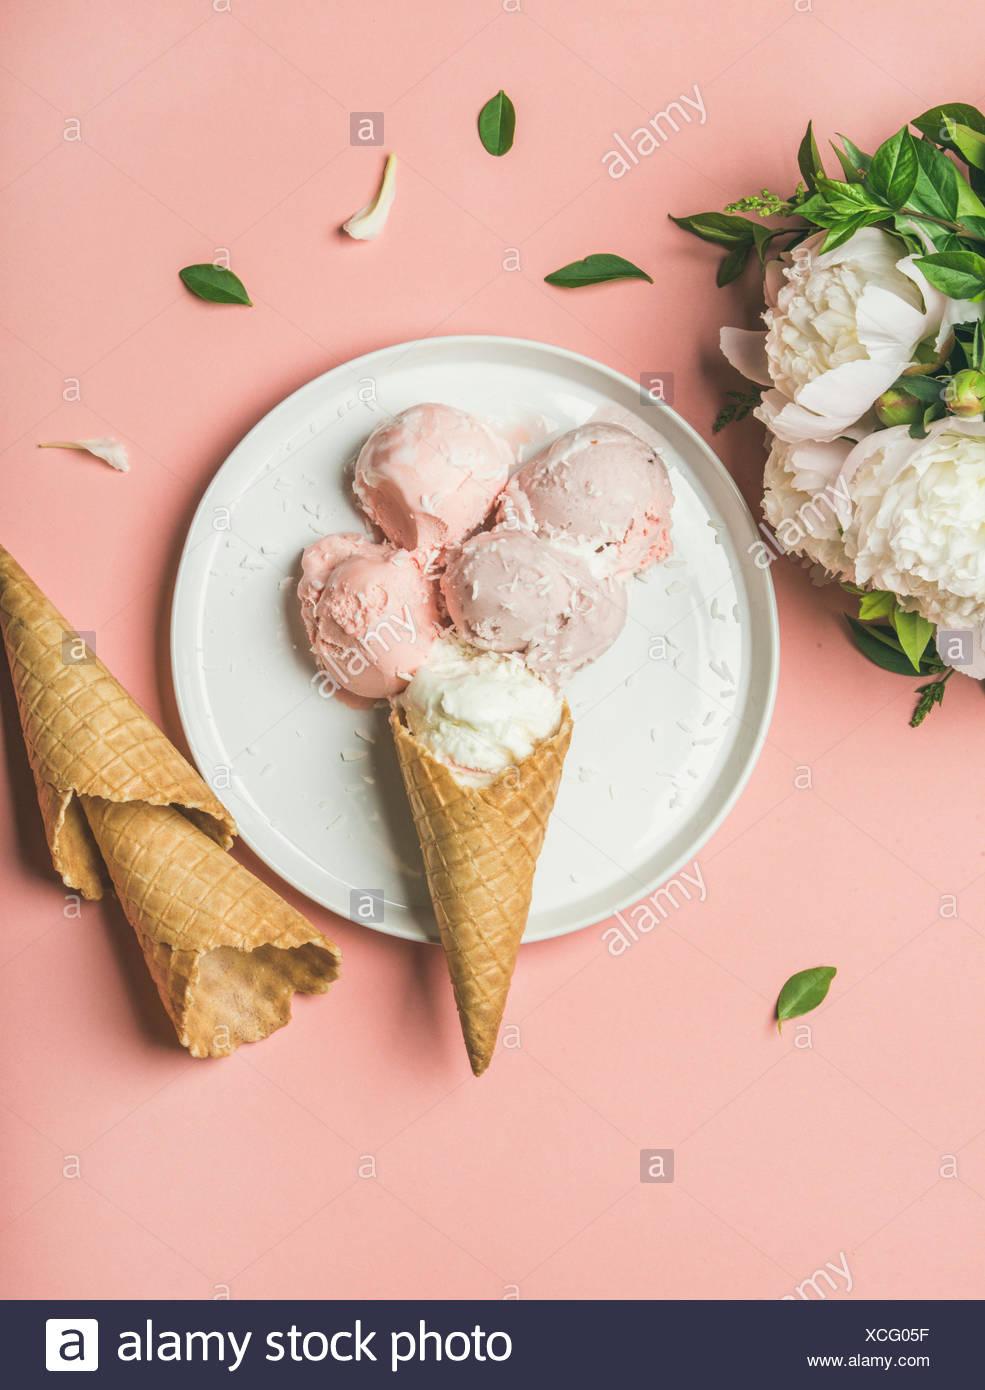 Flatlay Pastell rosa Erdbeer-Kokos-Eis schöpft, süße Zapfen auf weißem Teller und weißen Pfingstrosen über Pastell rosa Hintergrund, Draufsicht, ve Stockbild